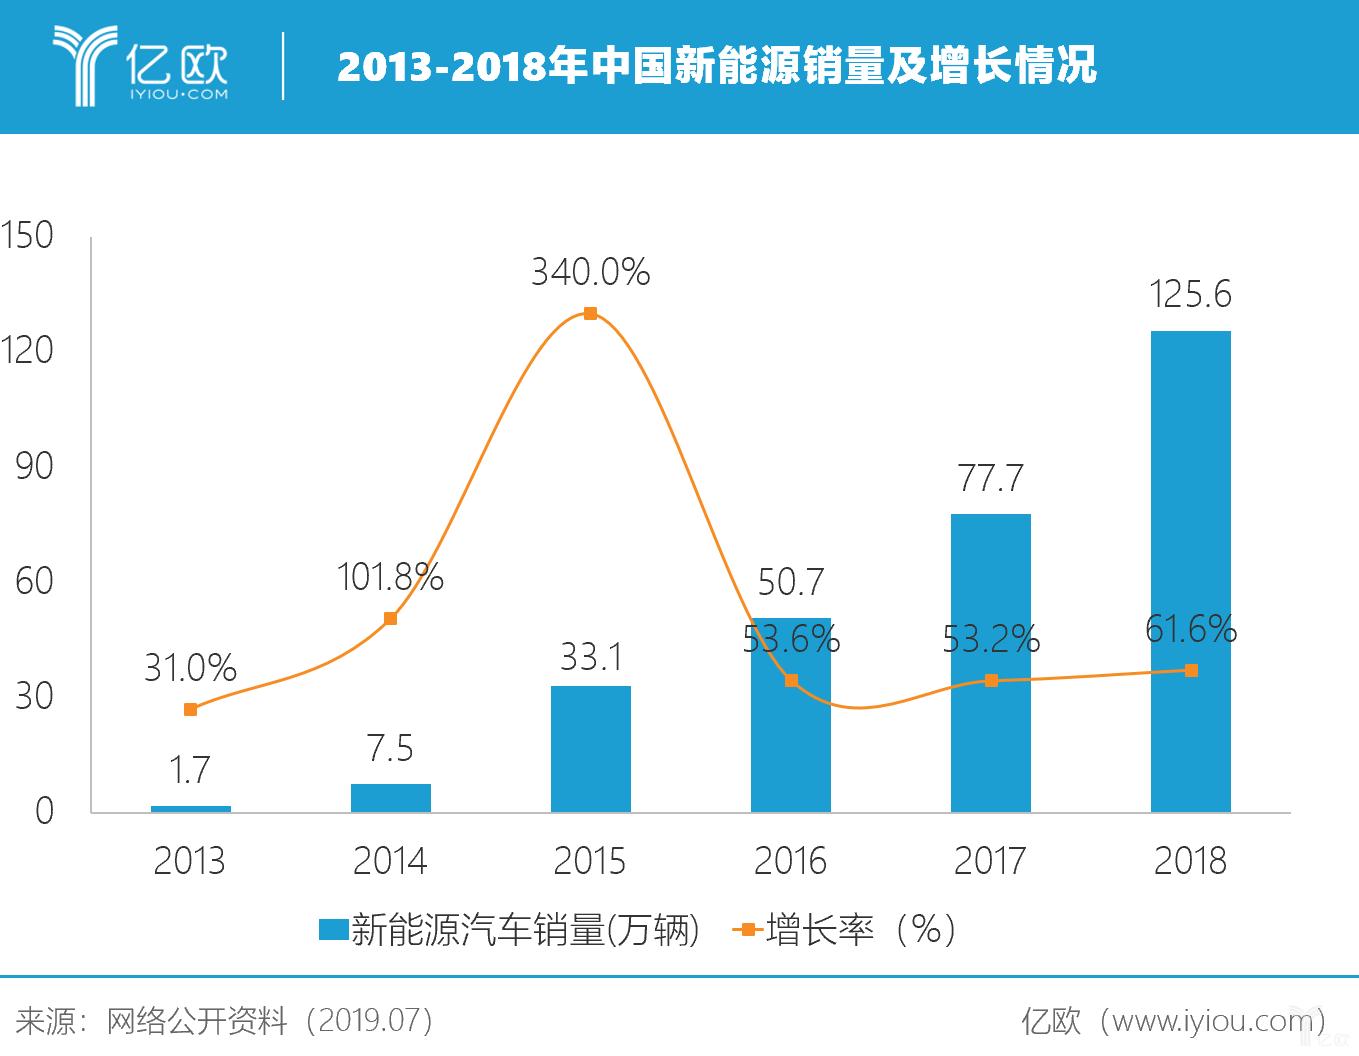 2013-2018年中国新能源销量及增长情况